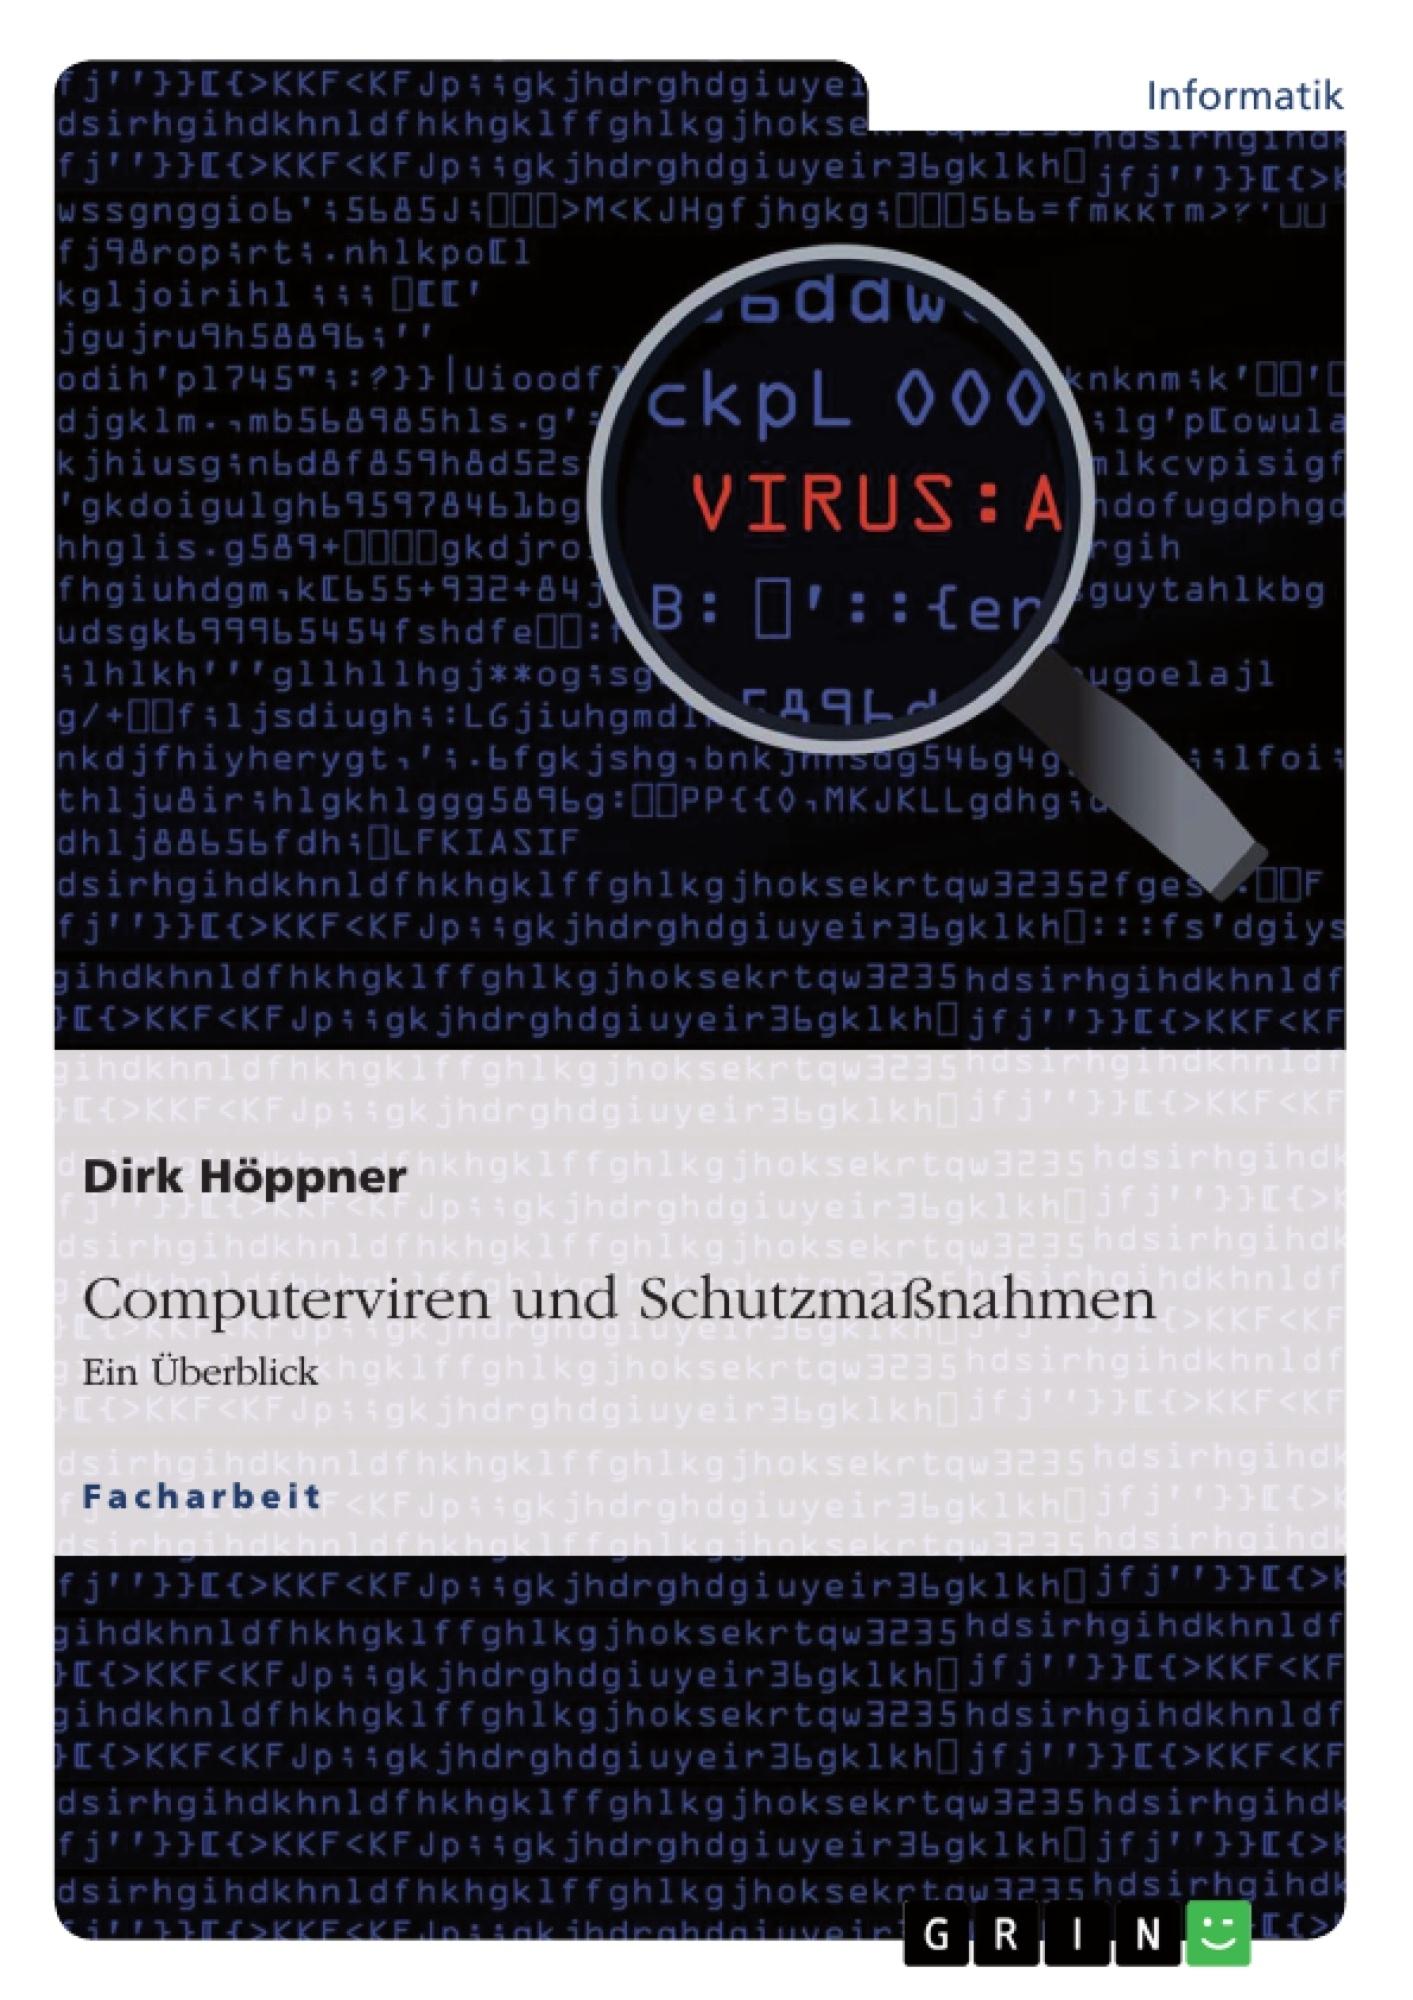 Titel: Computerviren und Schutzmaßnahmen. Ein Überblick